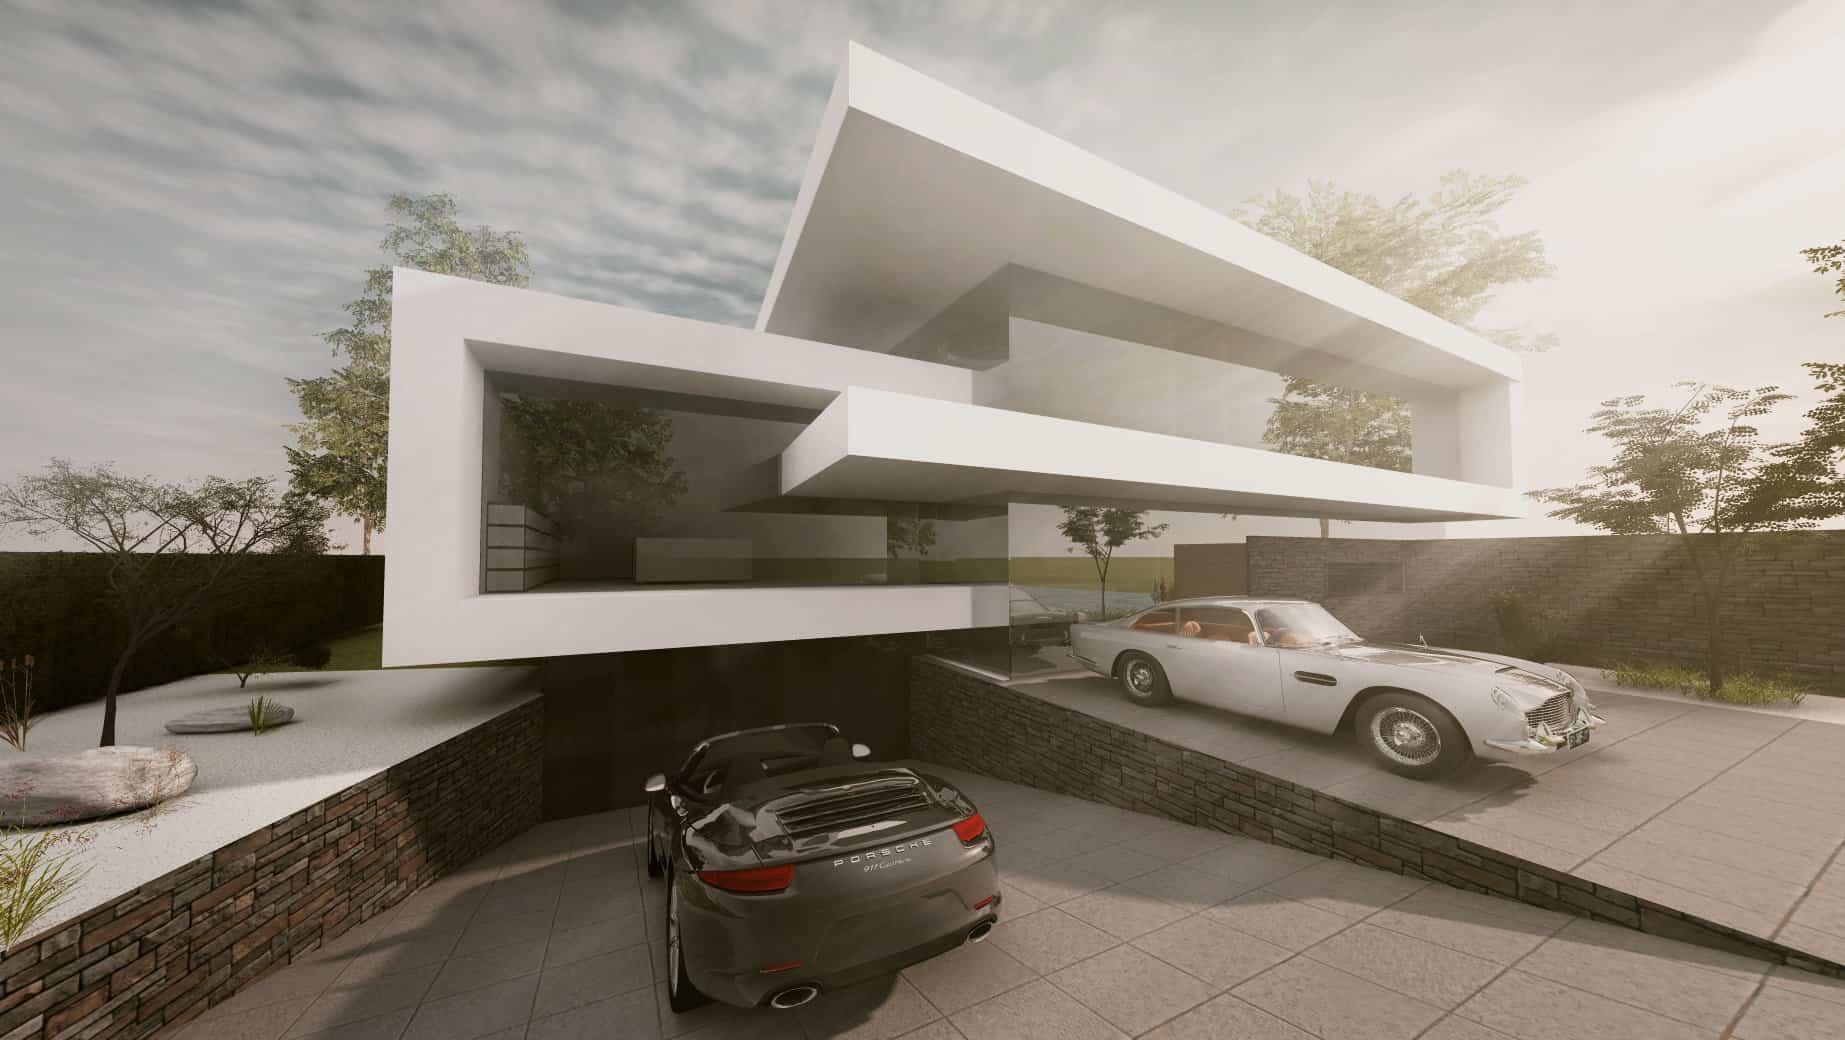 Moderne Häuser bauen Bilder